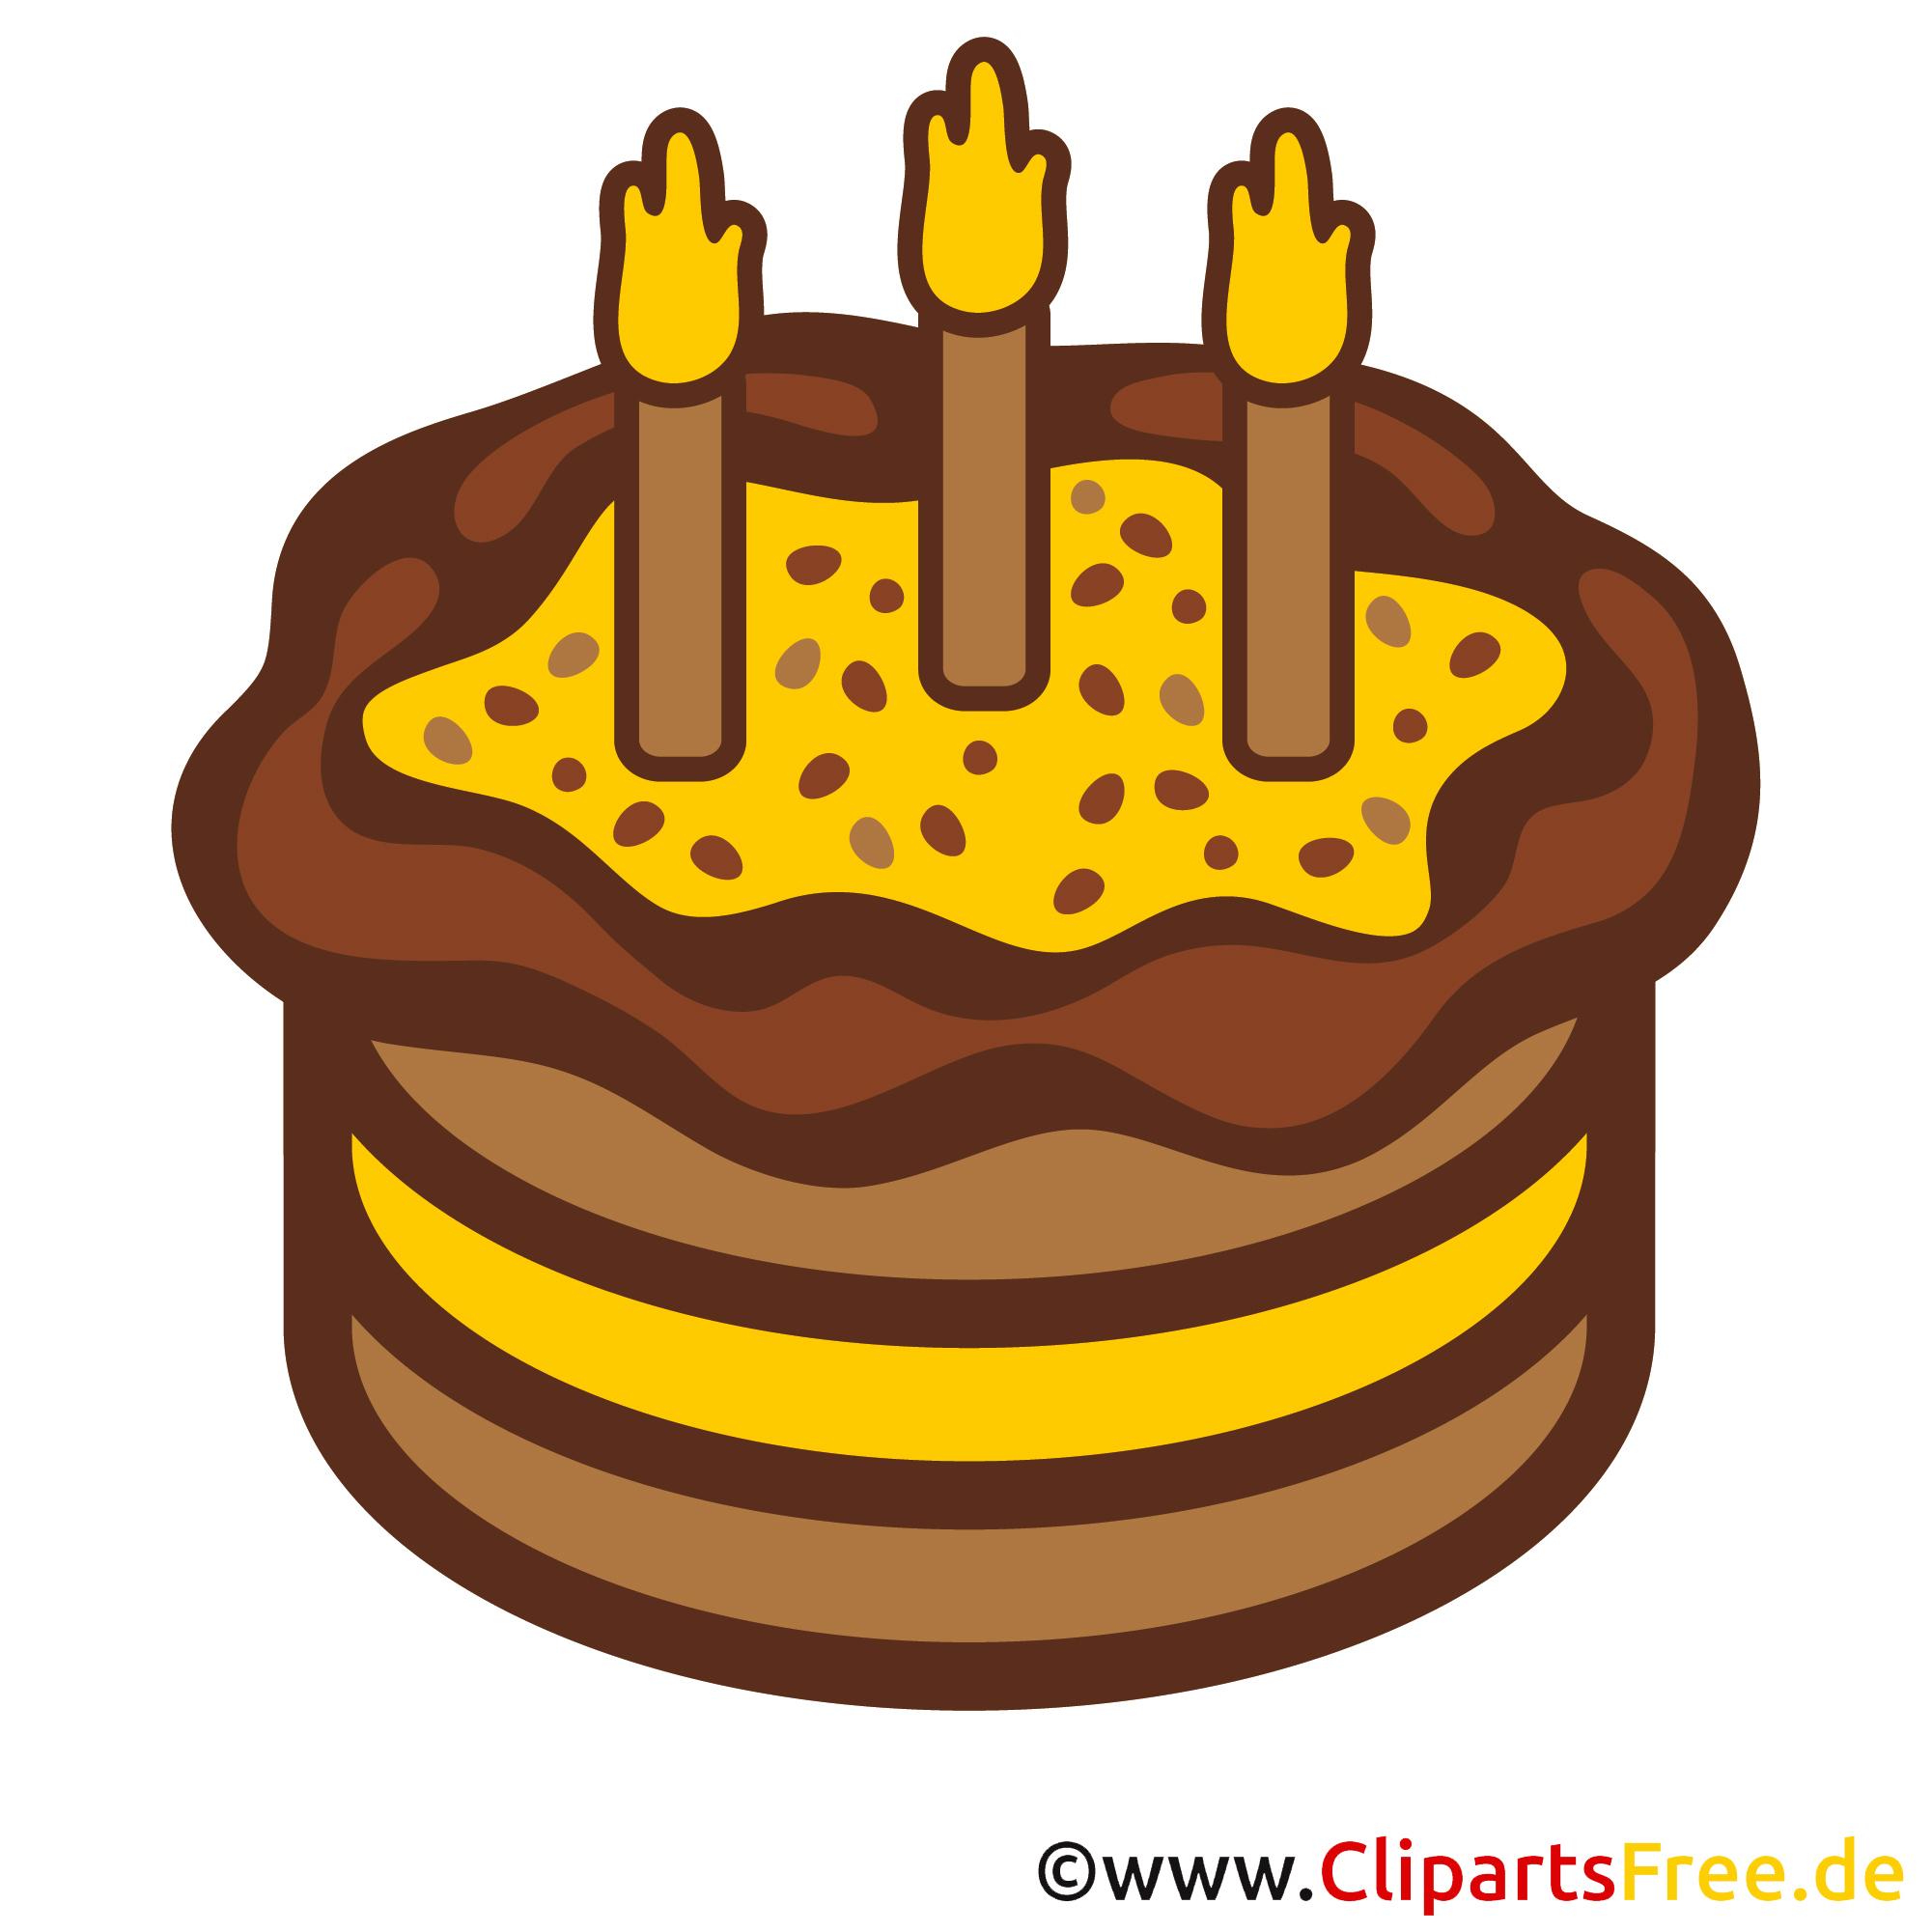 Clipart zum Geburtstag - Kuchen zum 3 Geburtstag